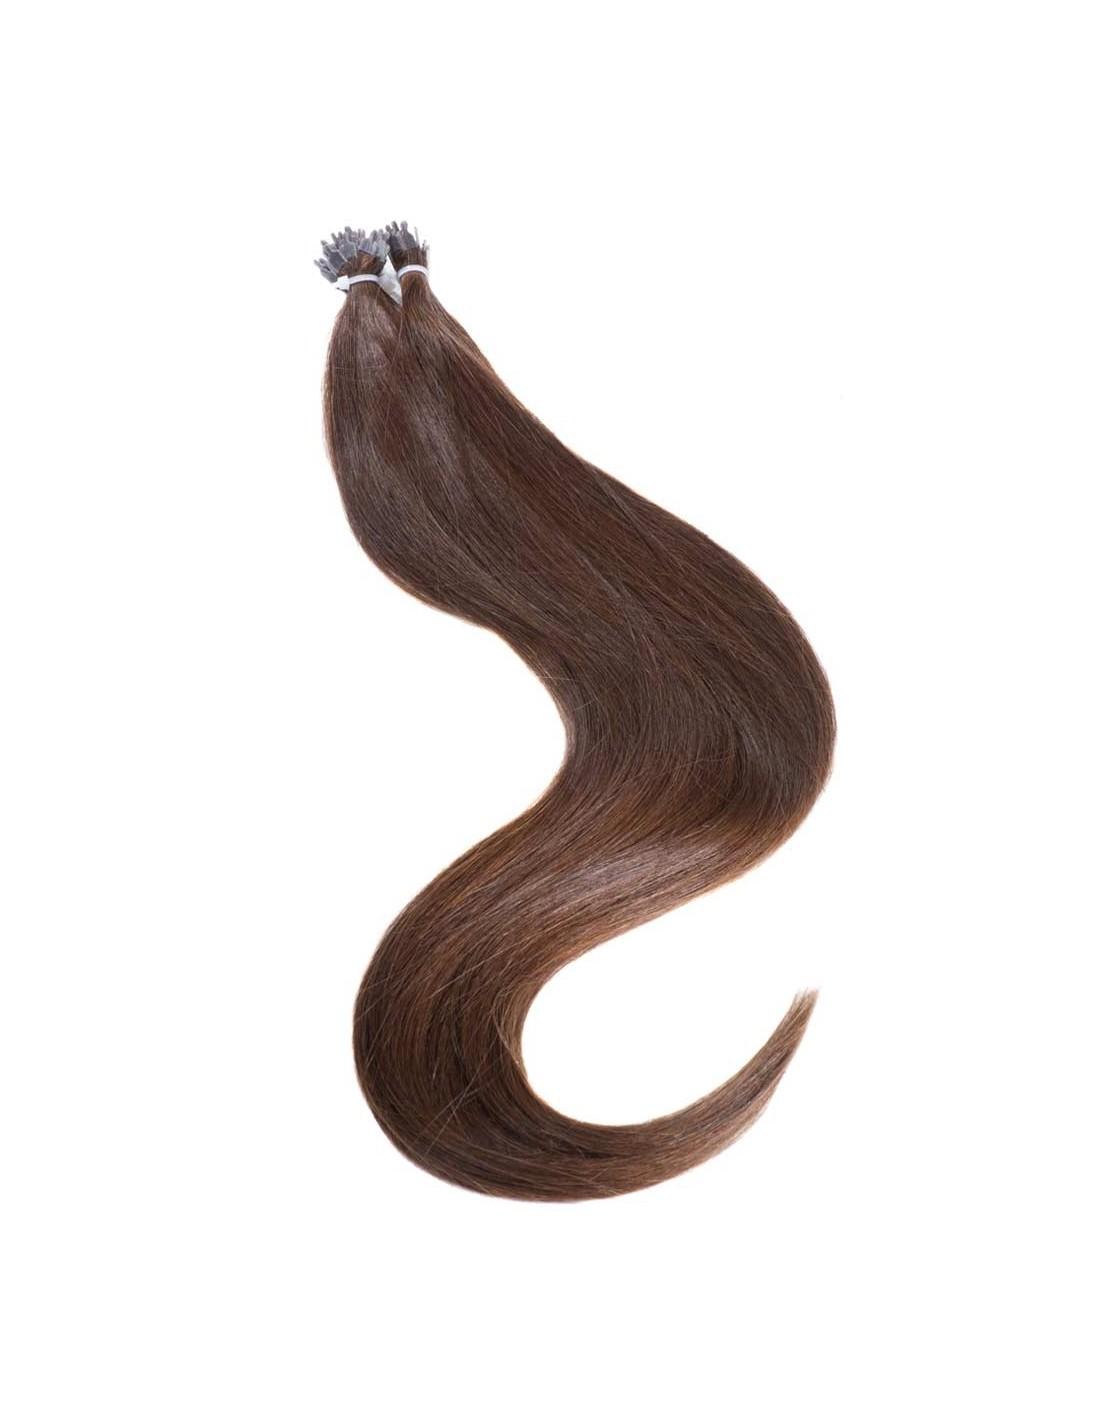 hair tip 101 cheveux marron la r volution de l 39 extension froid. Black Bedroom Furniture Sets. Home Design Ideas